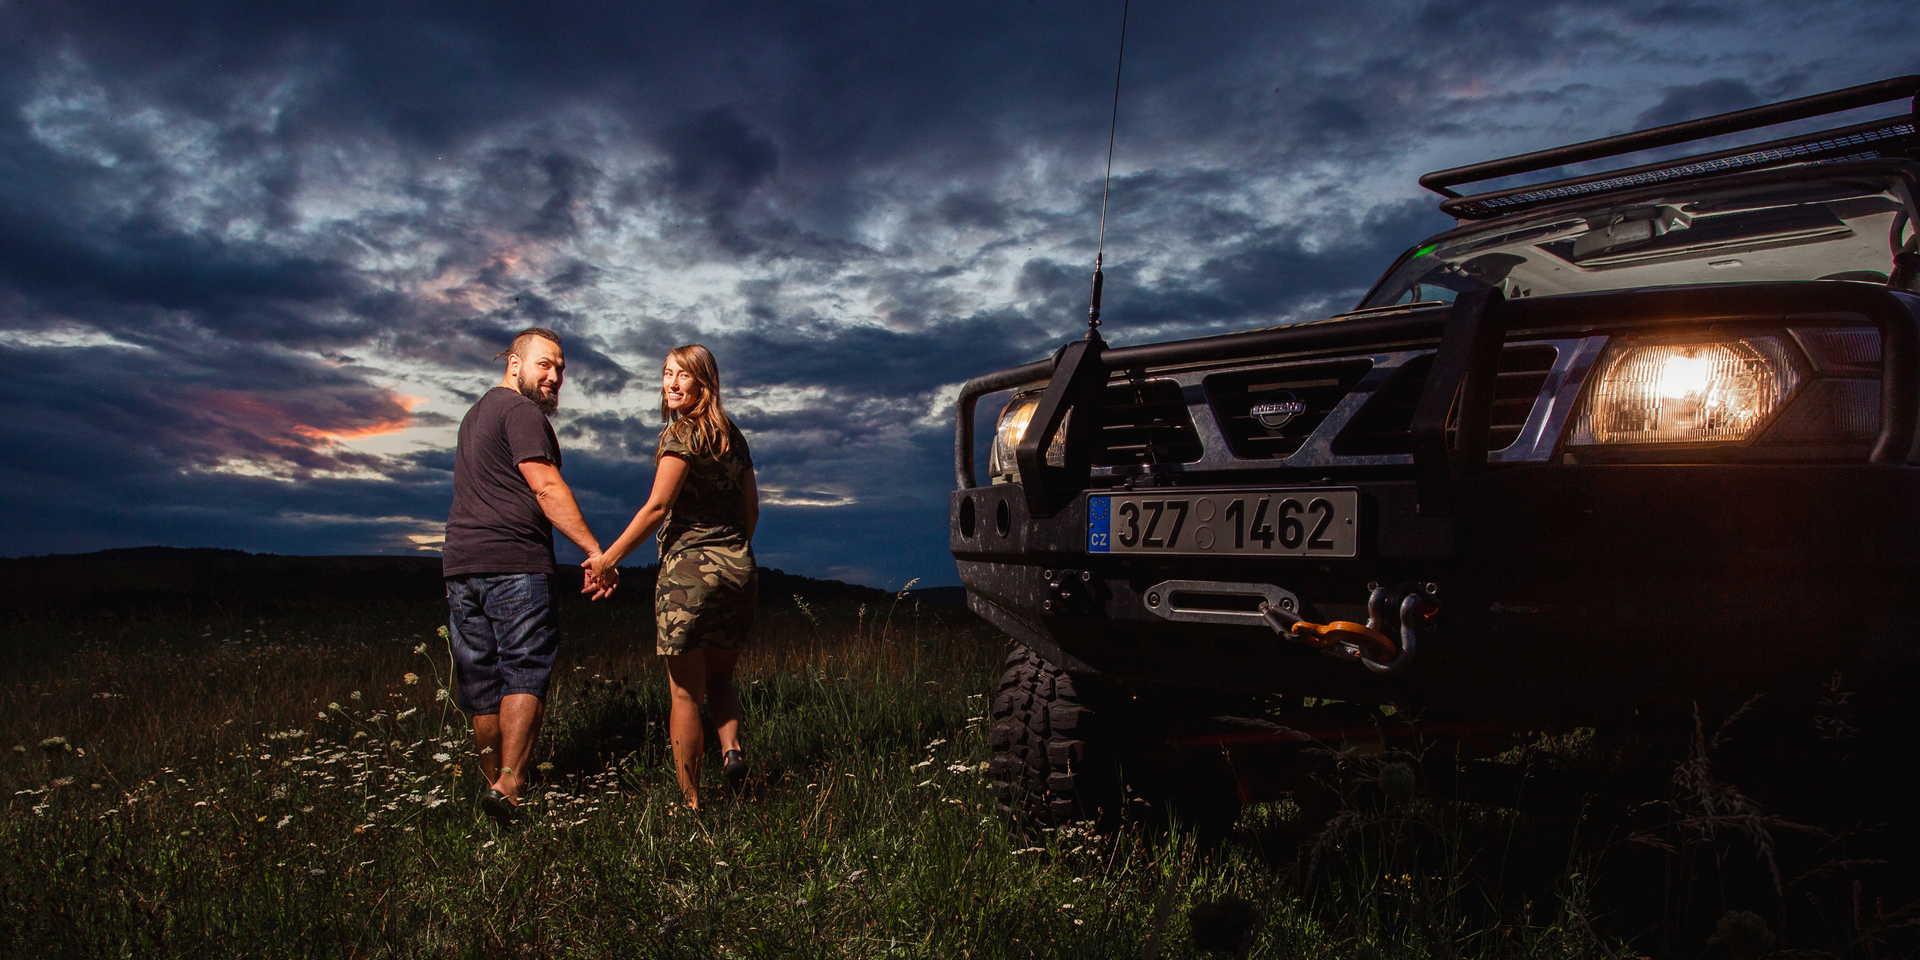 Snoubenci se drží za ruce u vozidla.